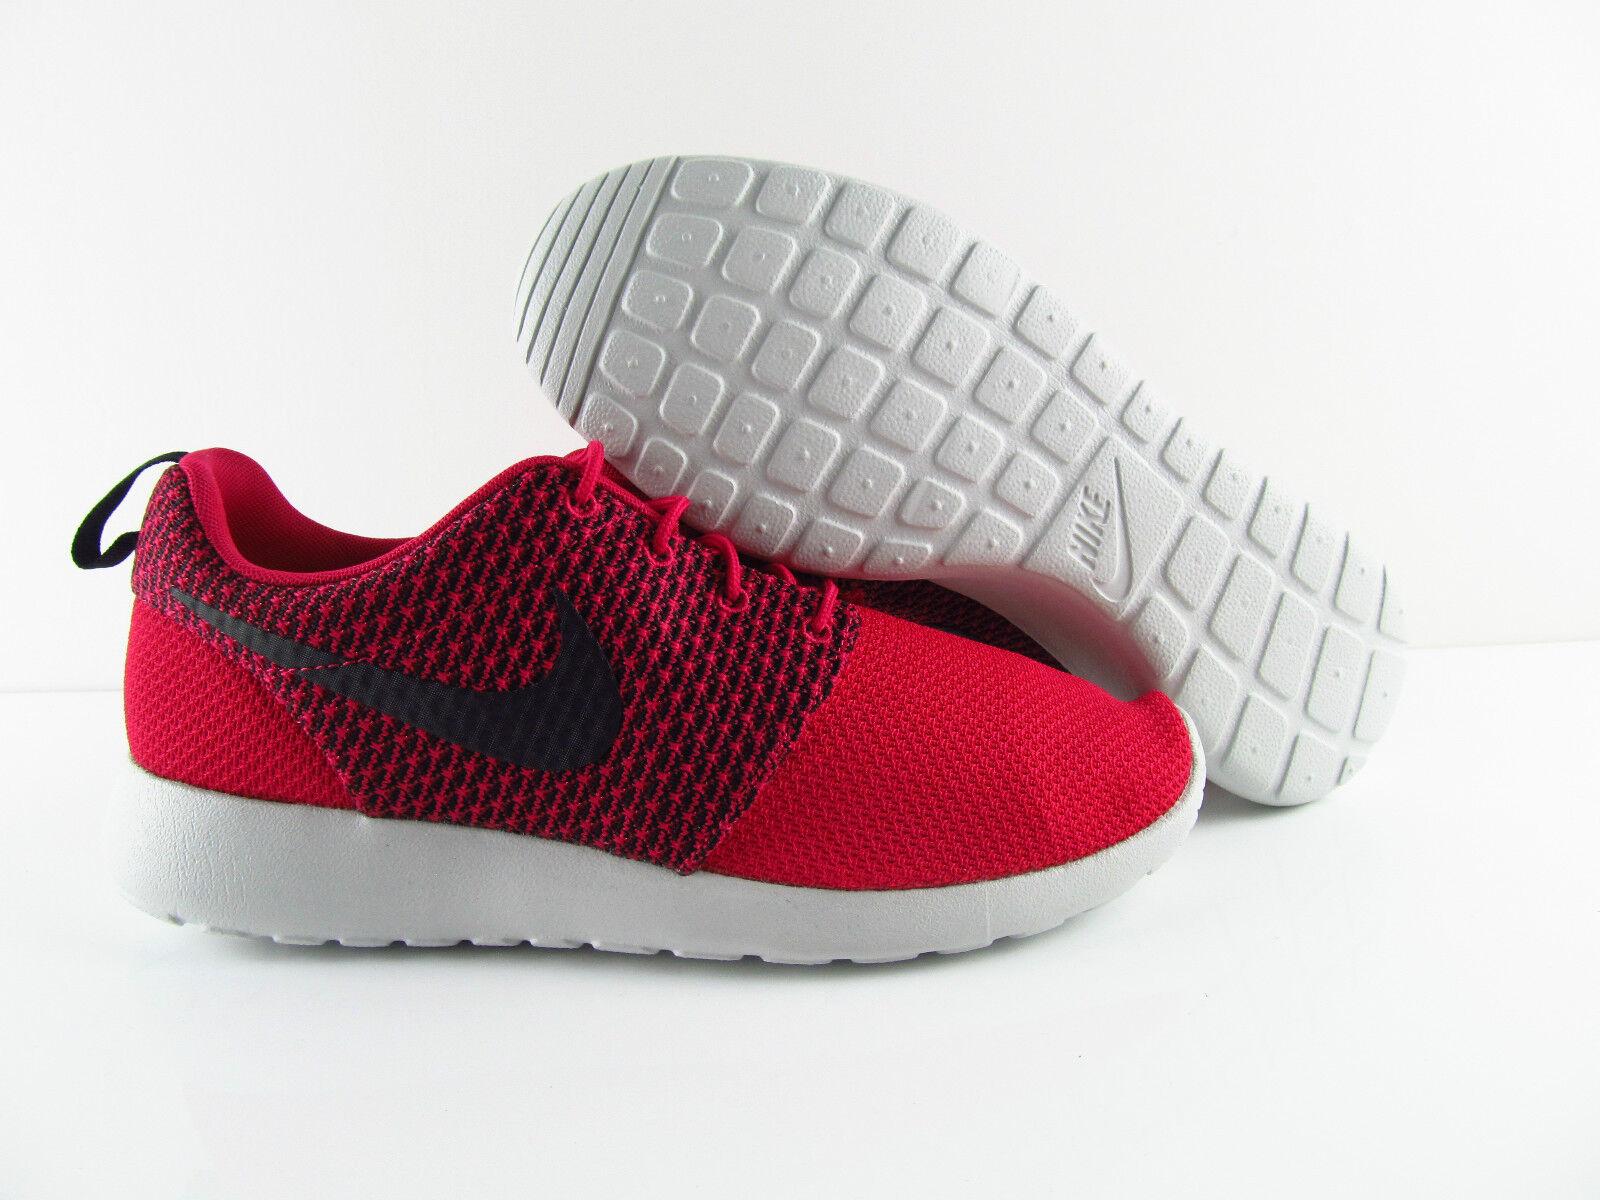 Nike Rosherun roshe fuschia Force Negro Hyper 43 Punch us_9.5 10 euros 43 Hyper 44 c37442